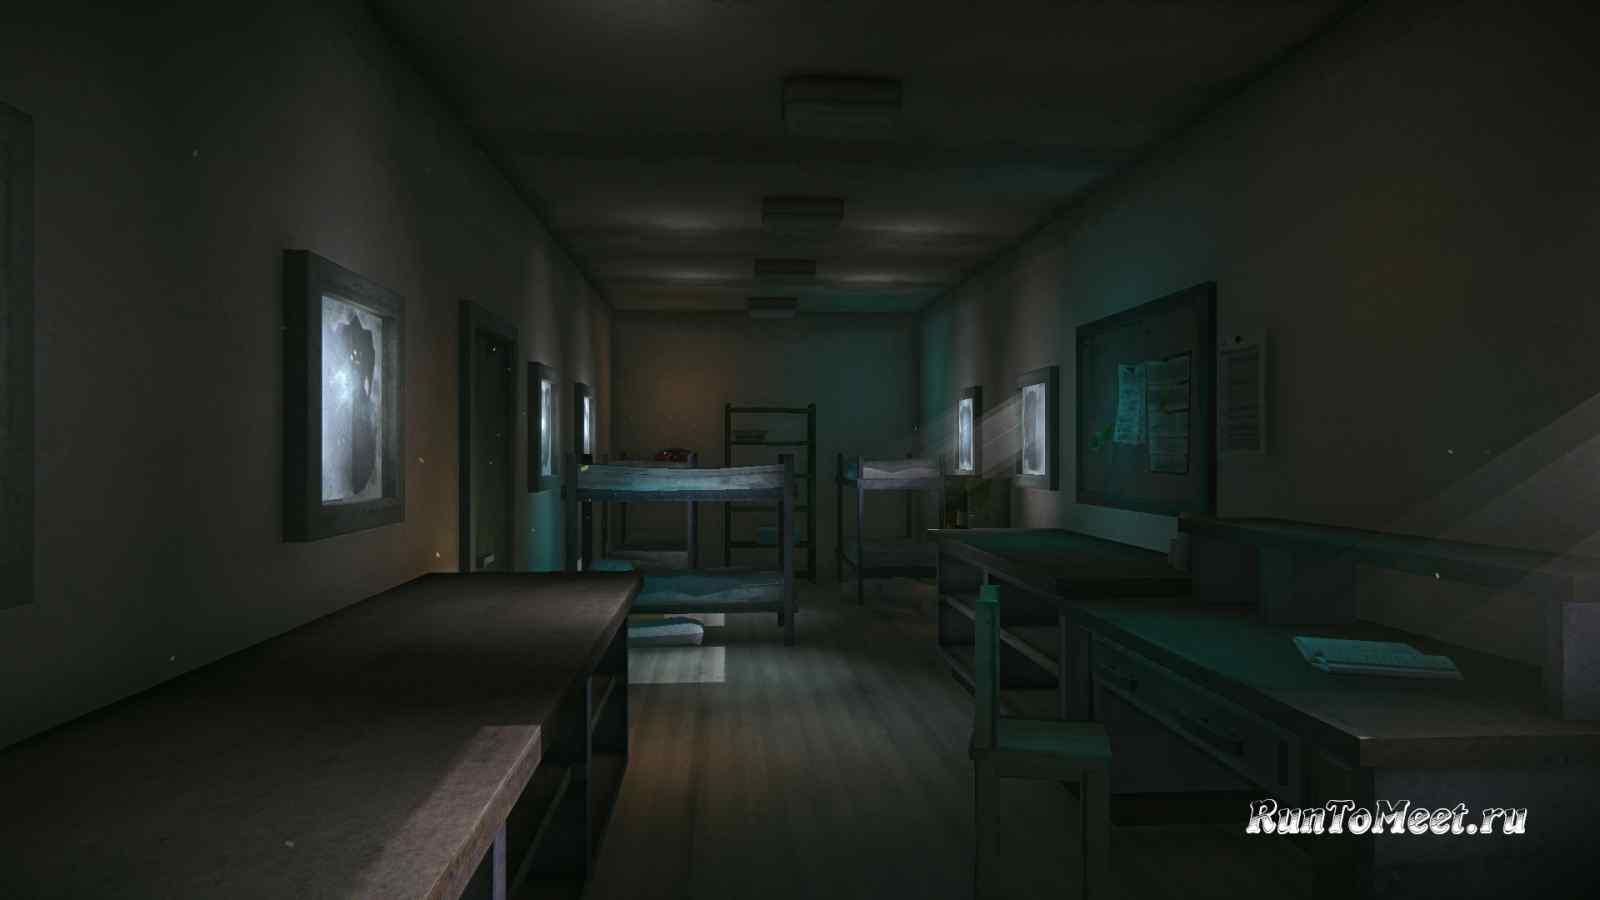 Интерьер второго вагончика, около Консервного завода, на Бледной бухте, в игре The long dark